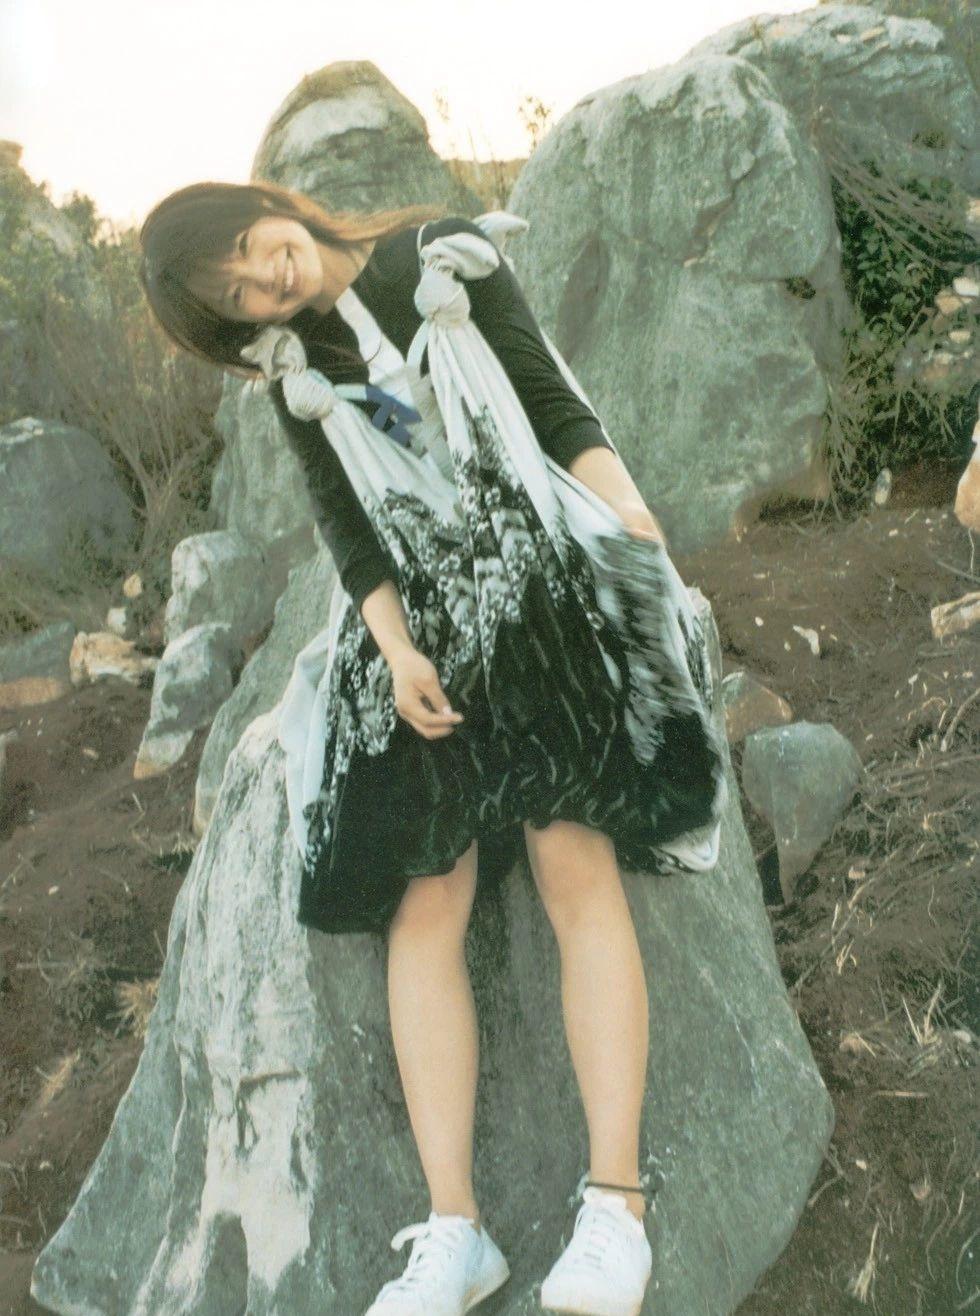 纯真脱俗的森系女神宫崎葵写真作品 (68)